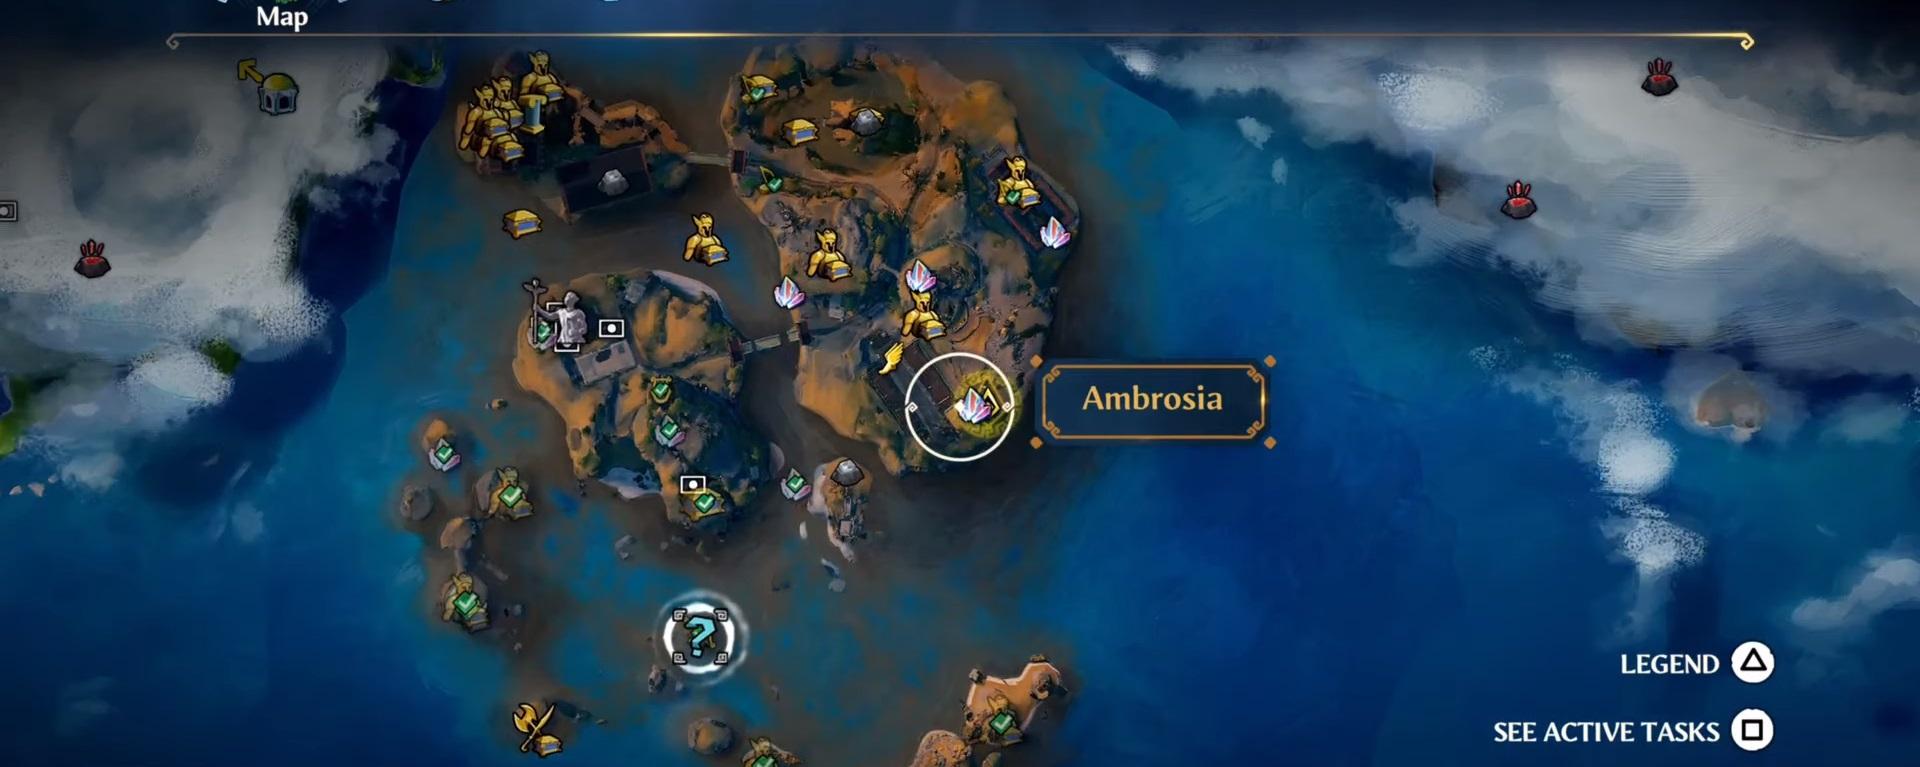 immortals Fenyx Rising Ambrosia 5